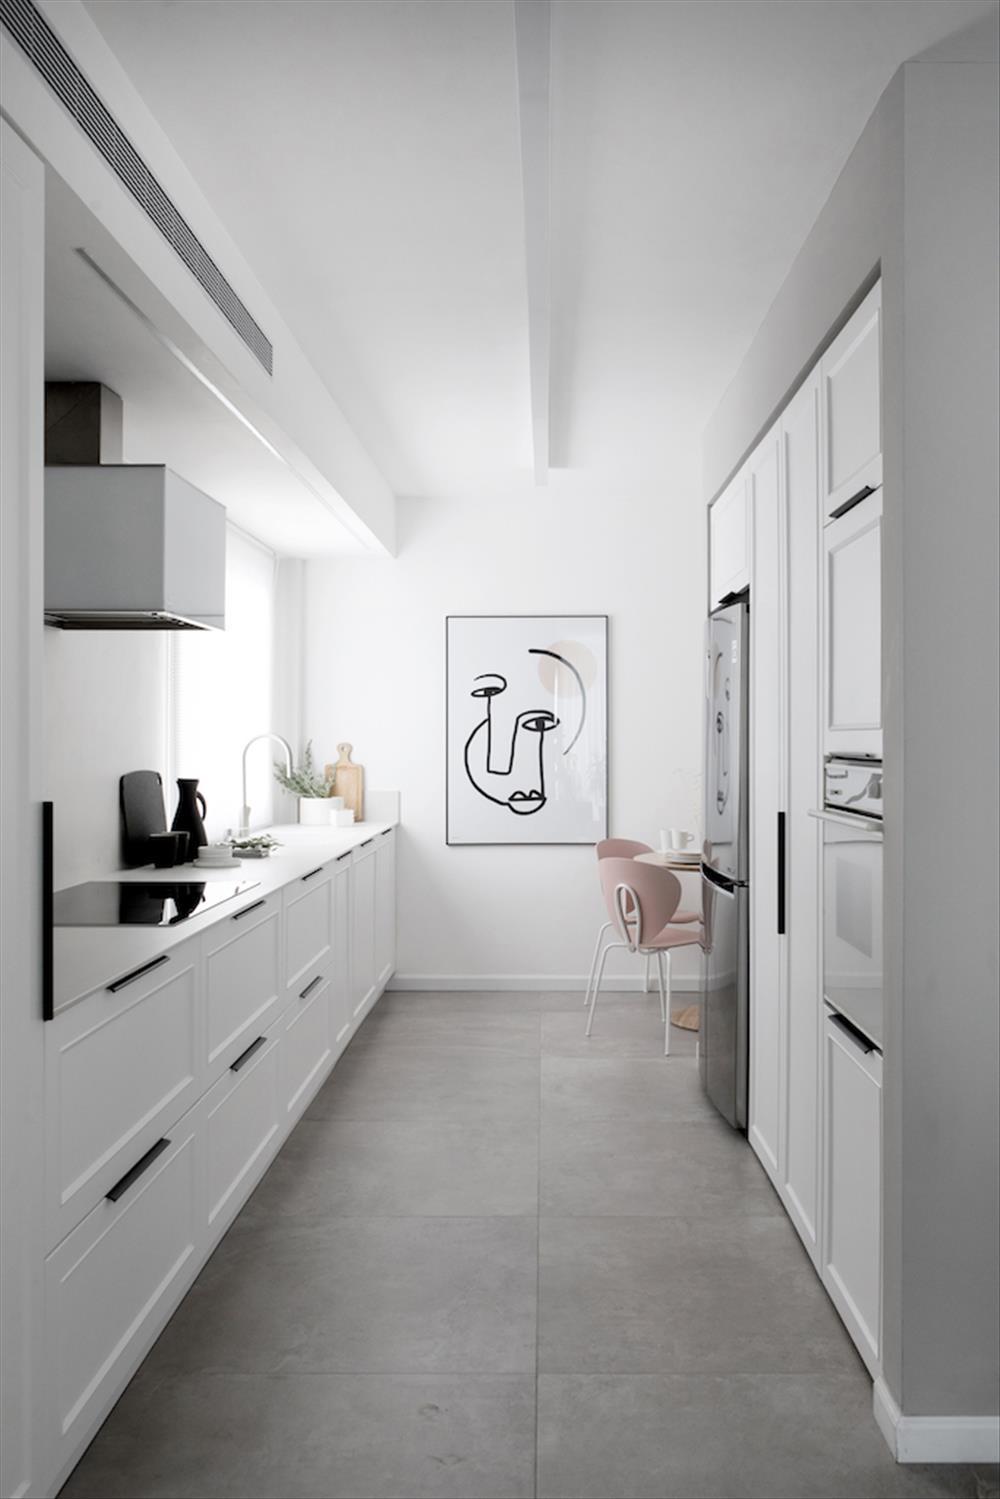 עיצוב נועה גרייזמן | צילום שירן כרמל